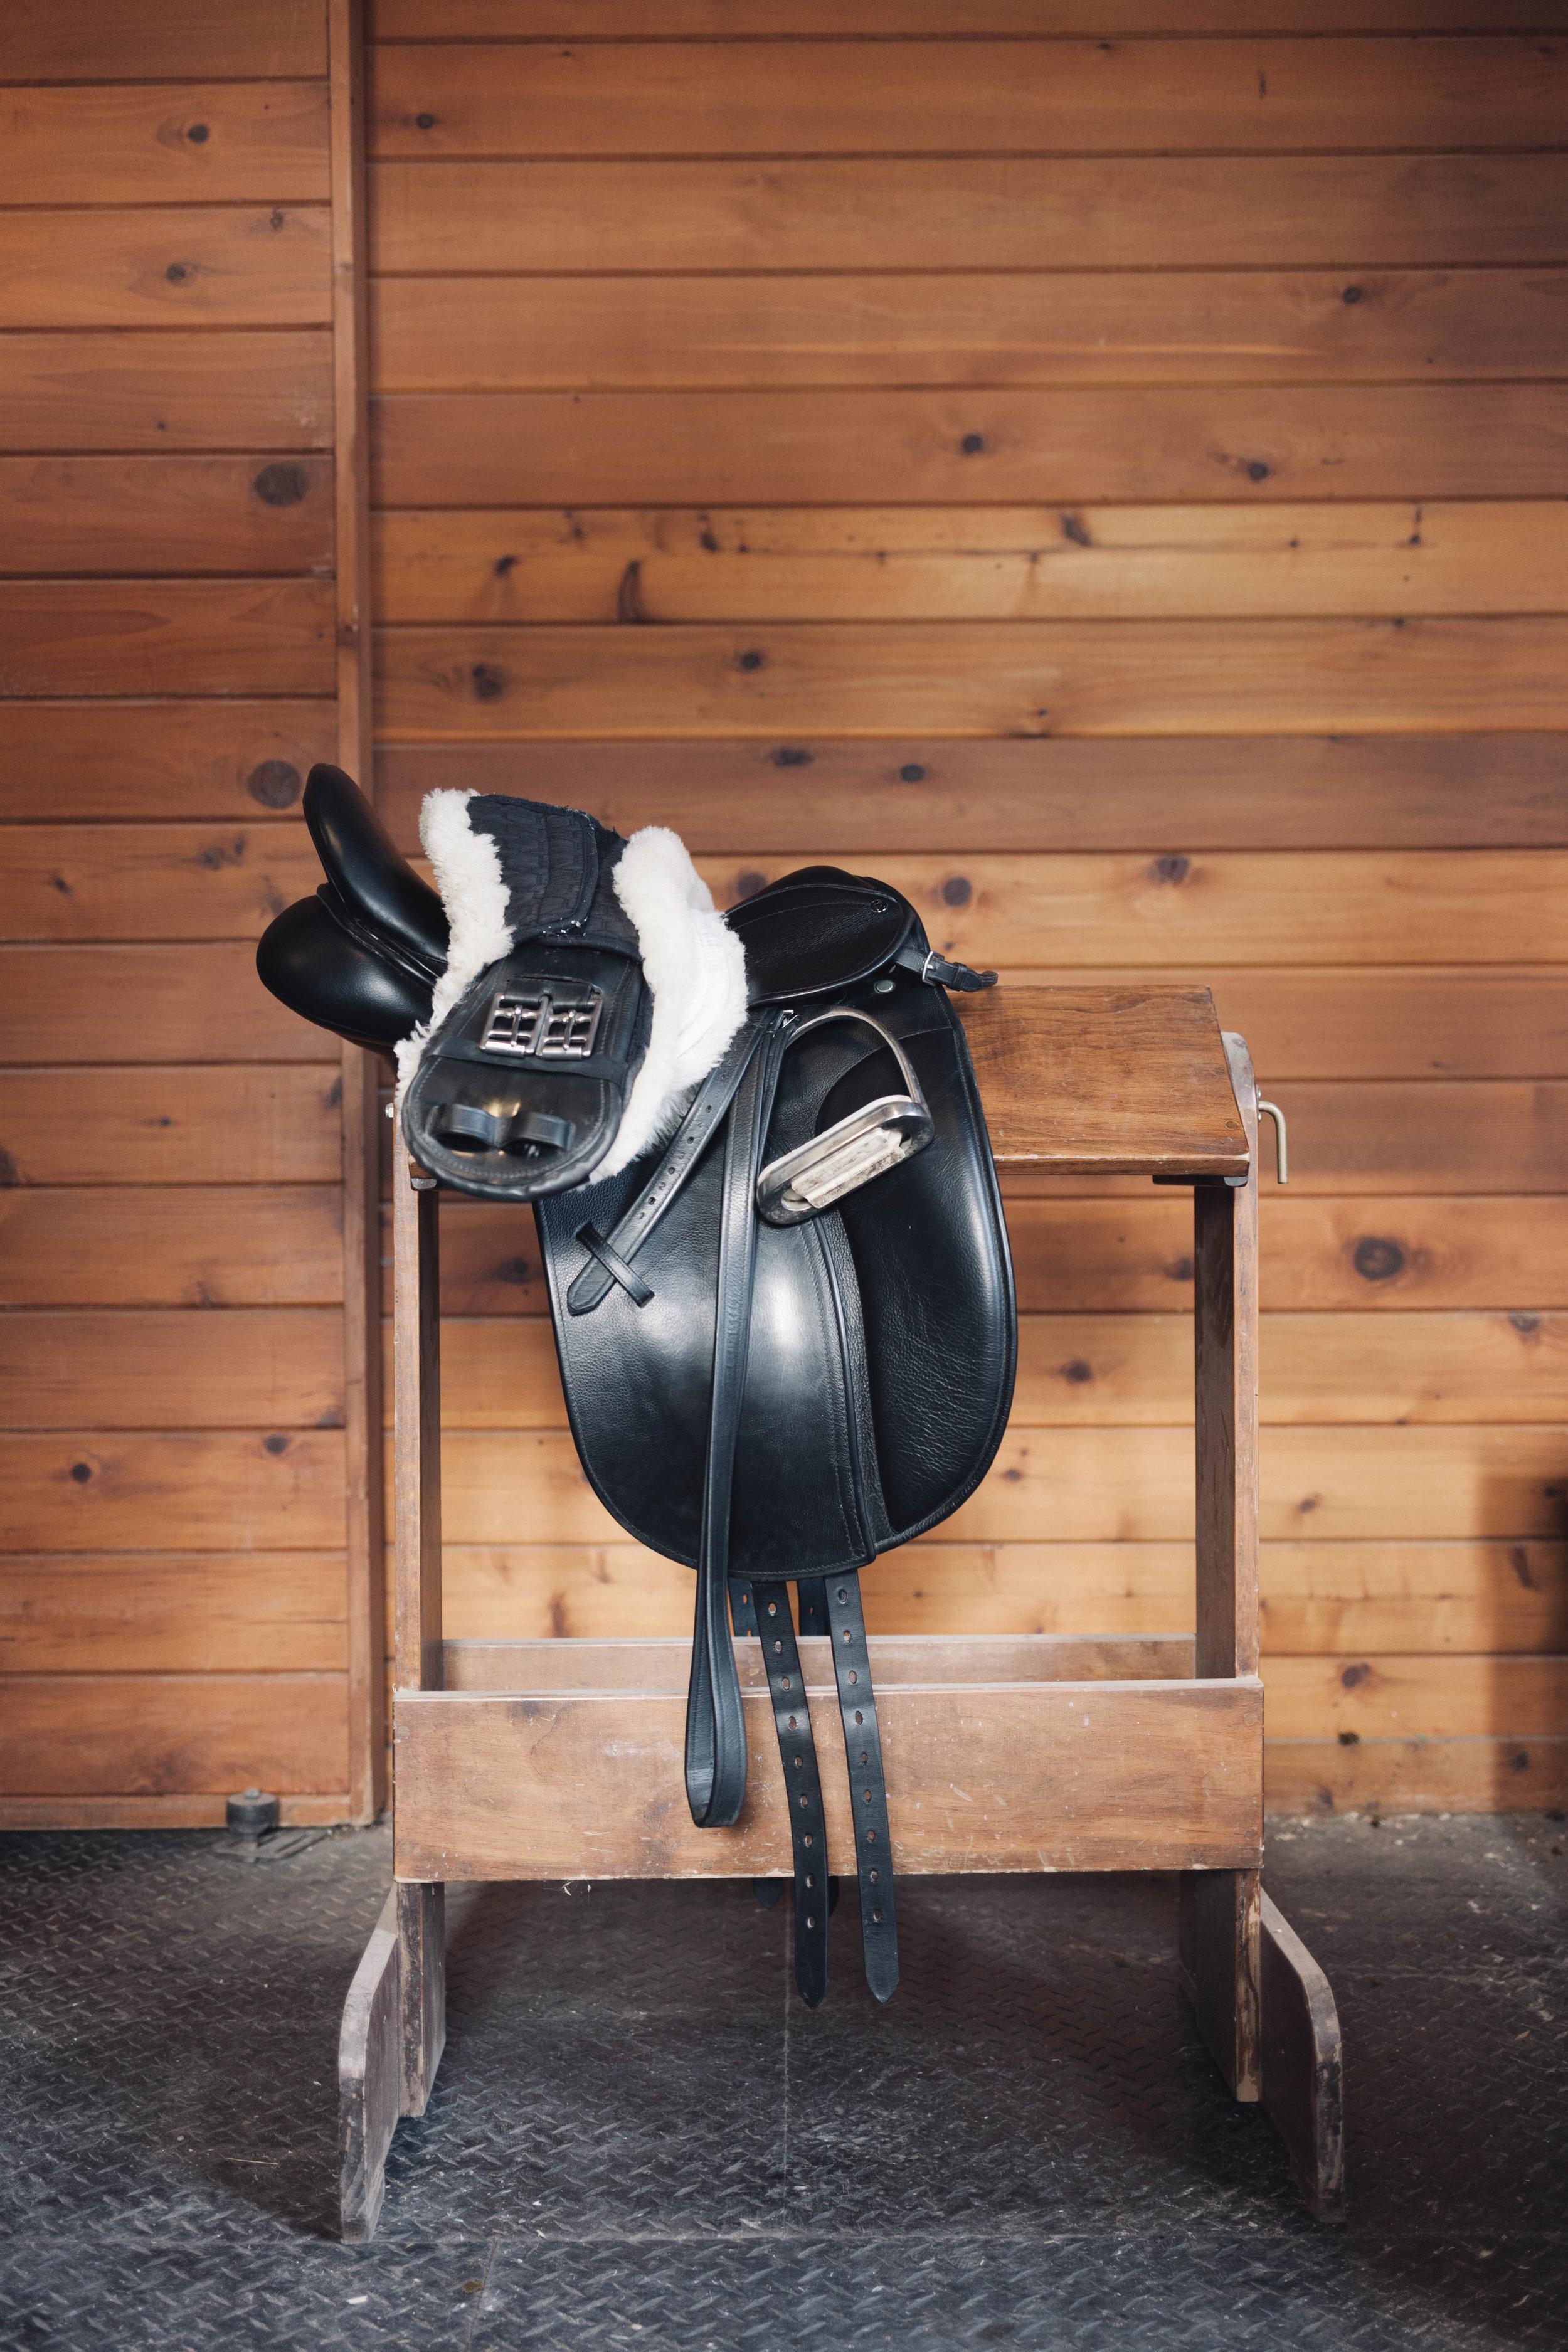 Colorado-Lifestyle-Photography-Jimena-Peck-Mind-Body-Horse-Yoga-Saddle